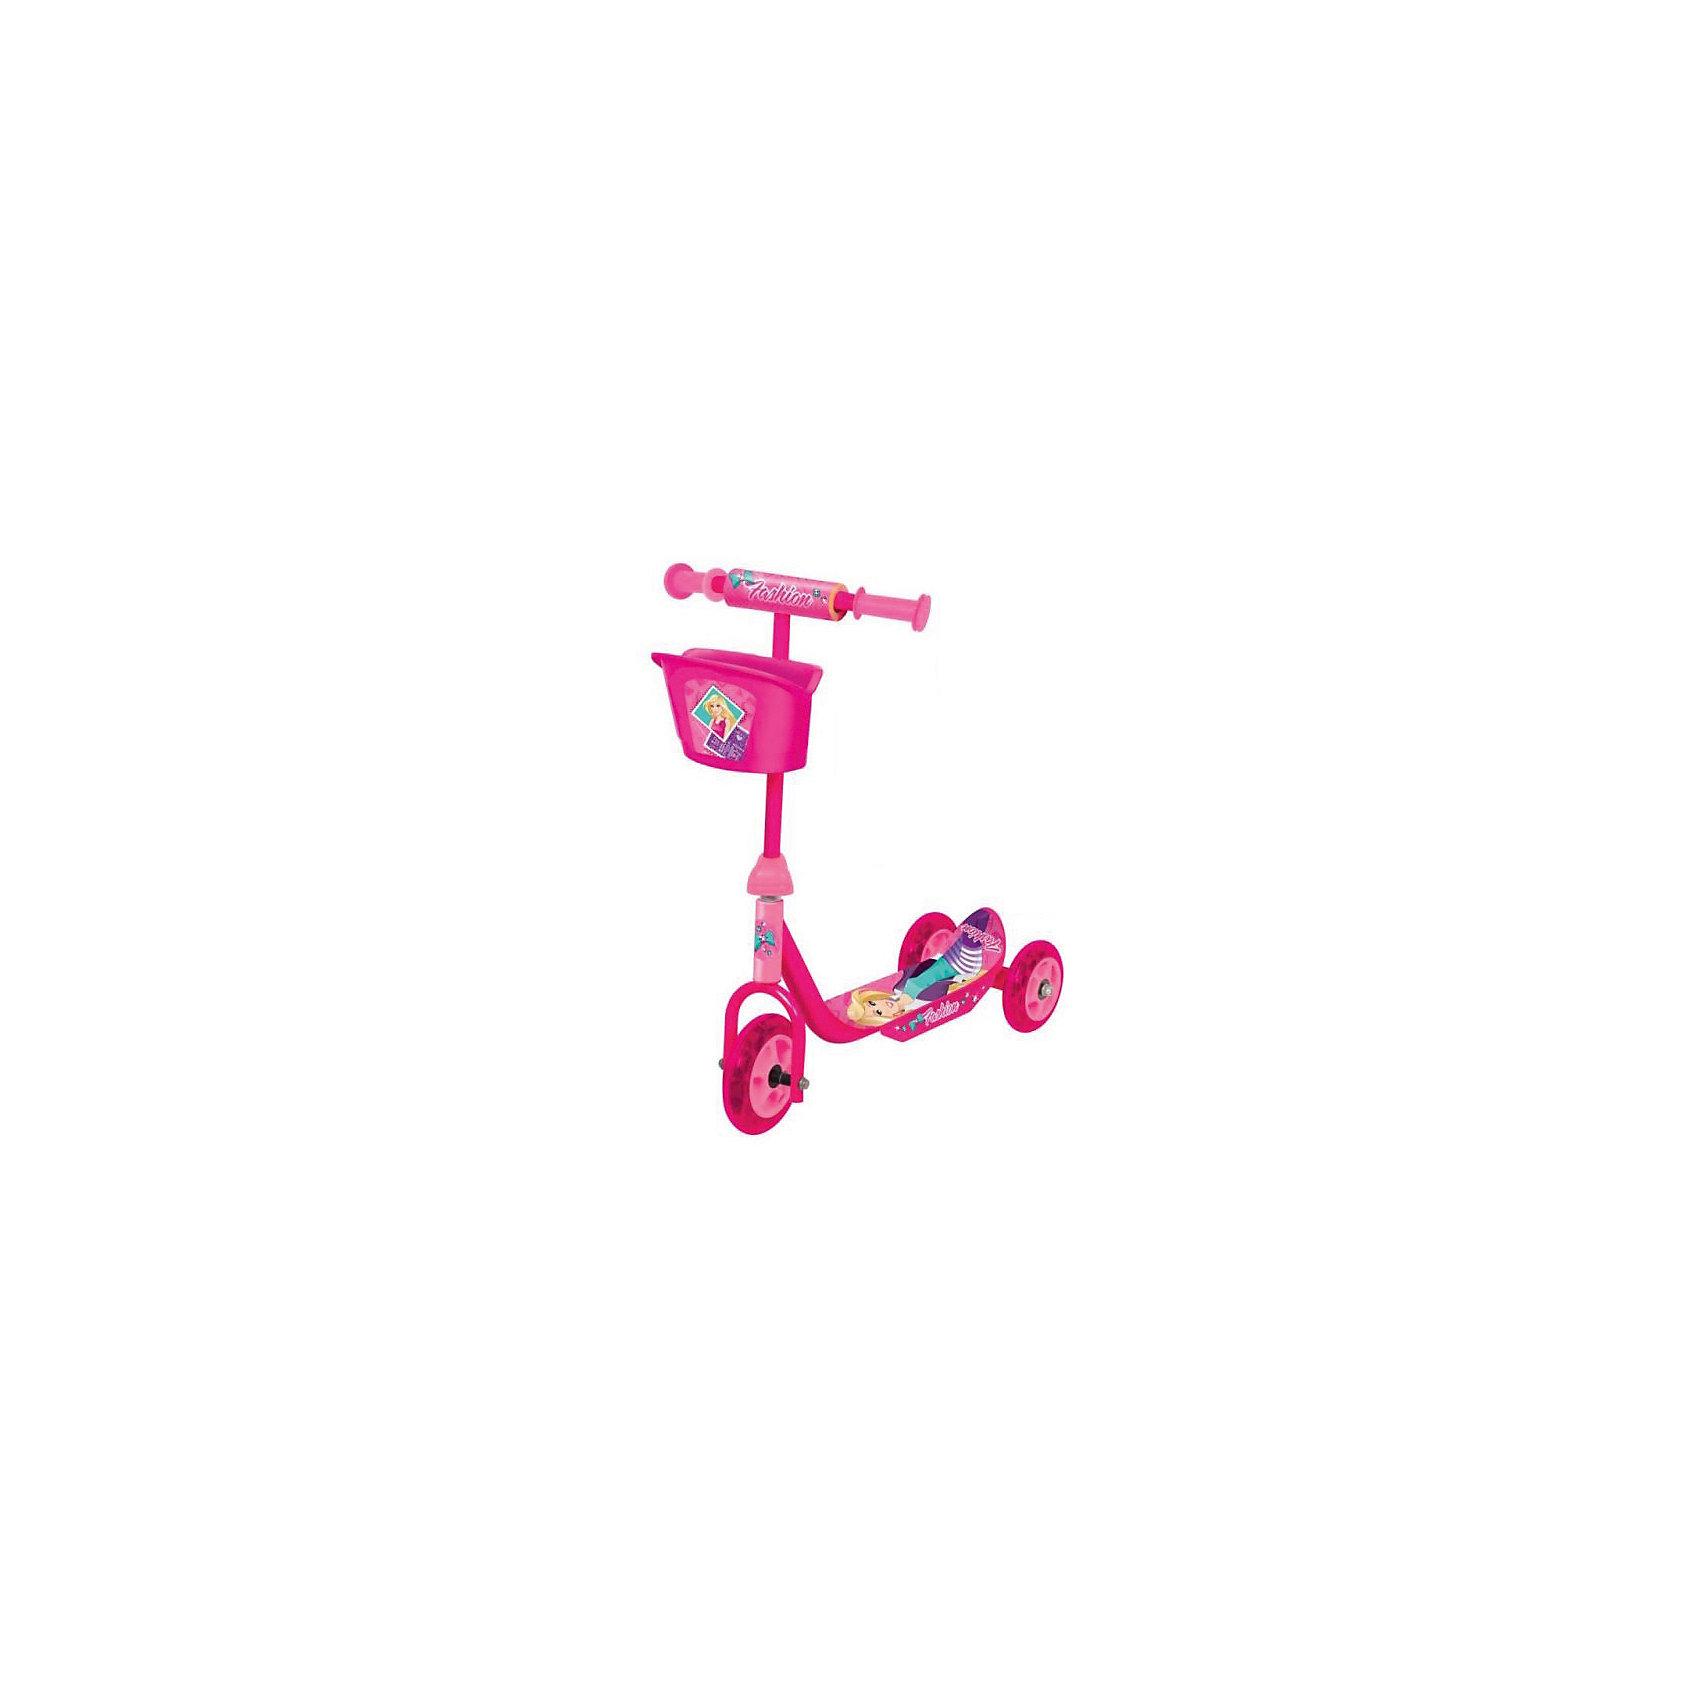 Трехколесный самокат, Fashion, NextСамокаты<br>Cамокат 3-колесный Fashion для самых маленьких- колеса пвх: переднее 140 мм, задние 125 мм,- платформа 34 х 10 см,- материал: пластик, сталь,- удобная пластиковая корзина,- устойчивая безопасная конструкция,- максимальная нагрузка - 20 кг<br><br>Ширина мм: 140<br>Глубина мм: 510<br>Высота мм: 340<br>Вес г: 3170<br>Возраст от месяцев: 180<br>Возраст до месяцев: 48<br>Пол: Унисекс<br>Возраст: Детский<br>SKU: 5528131